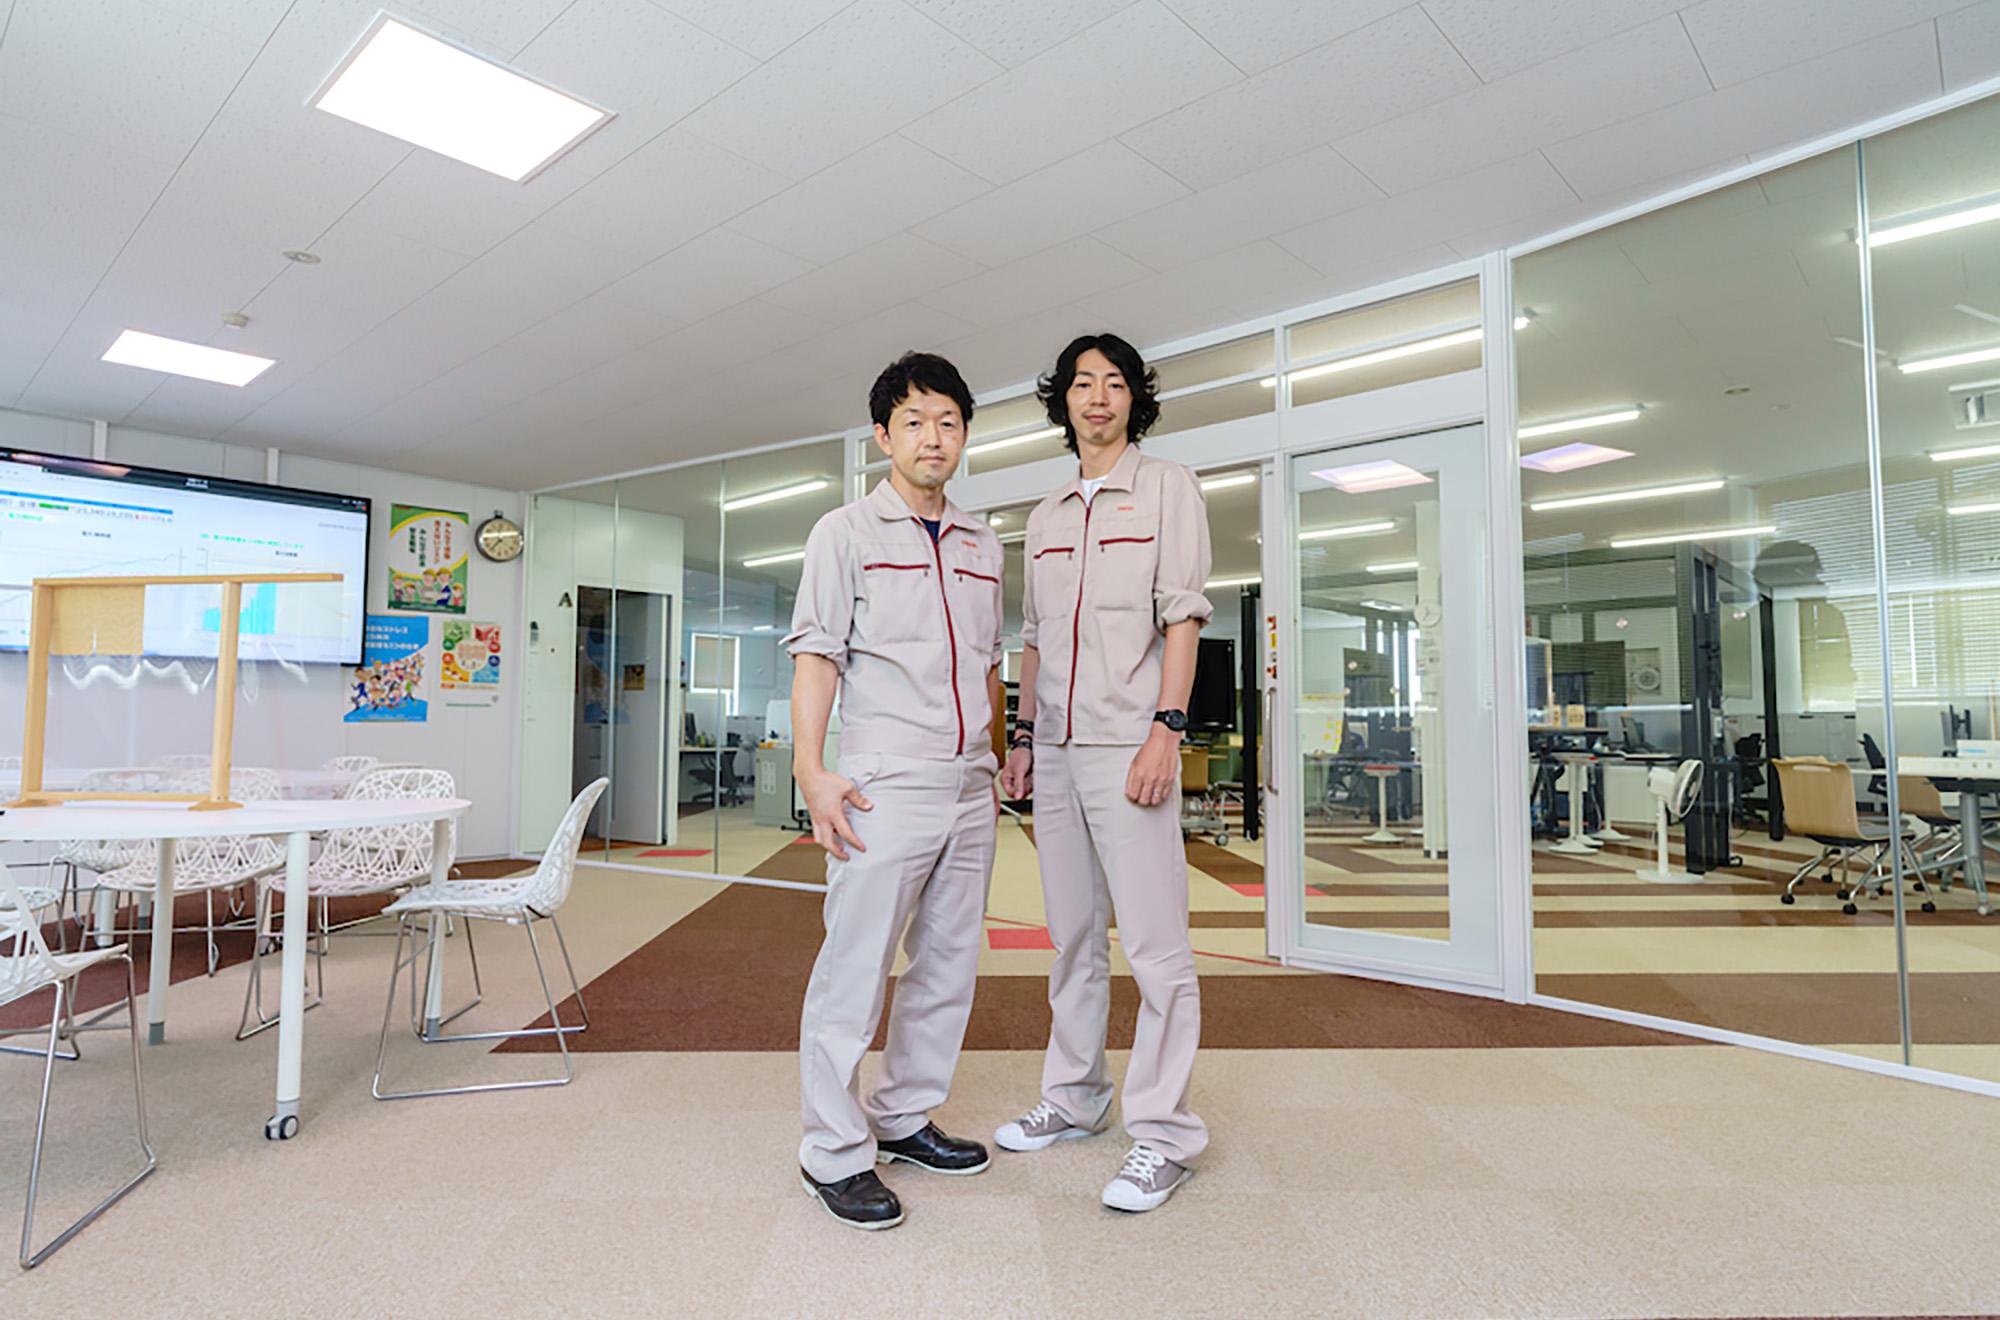 高山氏と村田氏、リニューアルされたオフィスにて